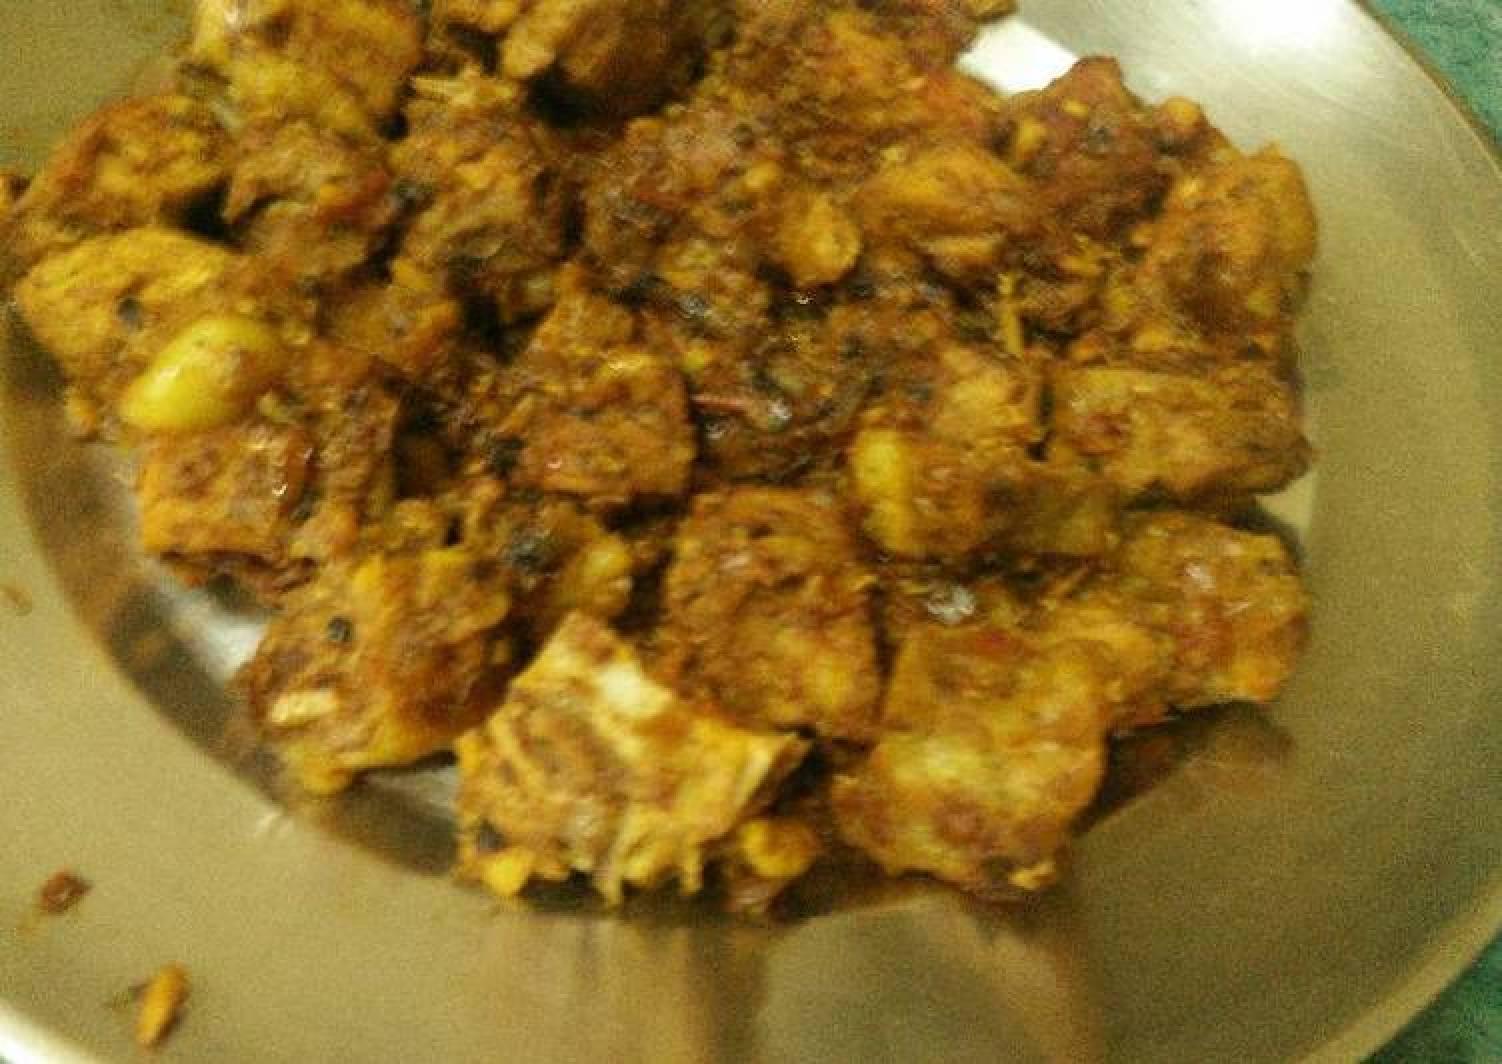 Spicy Pork Chop cuts